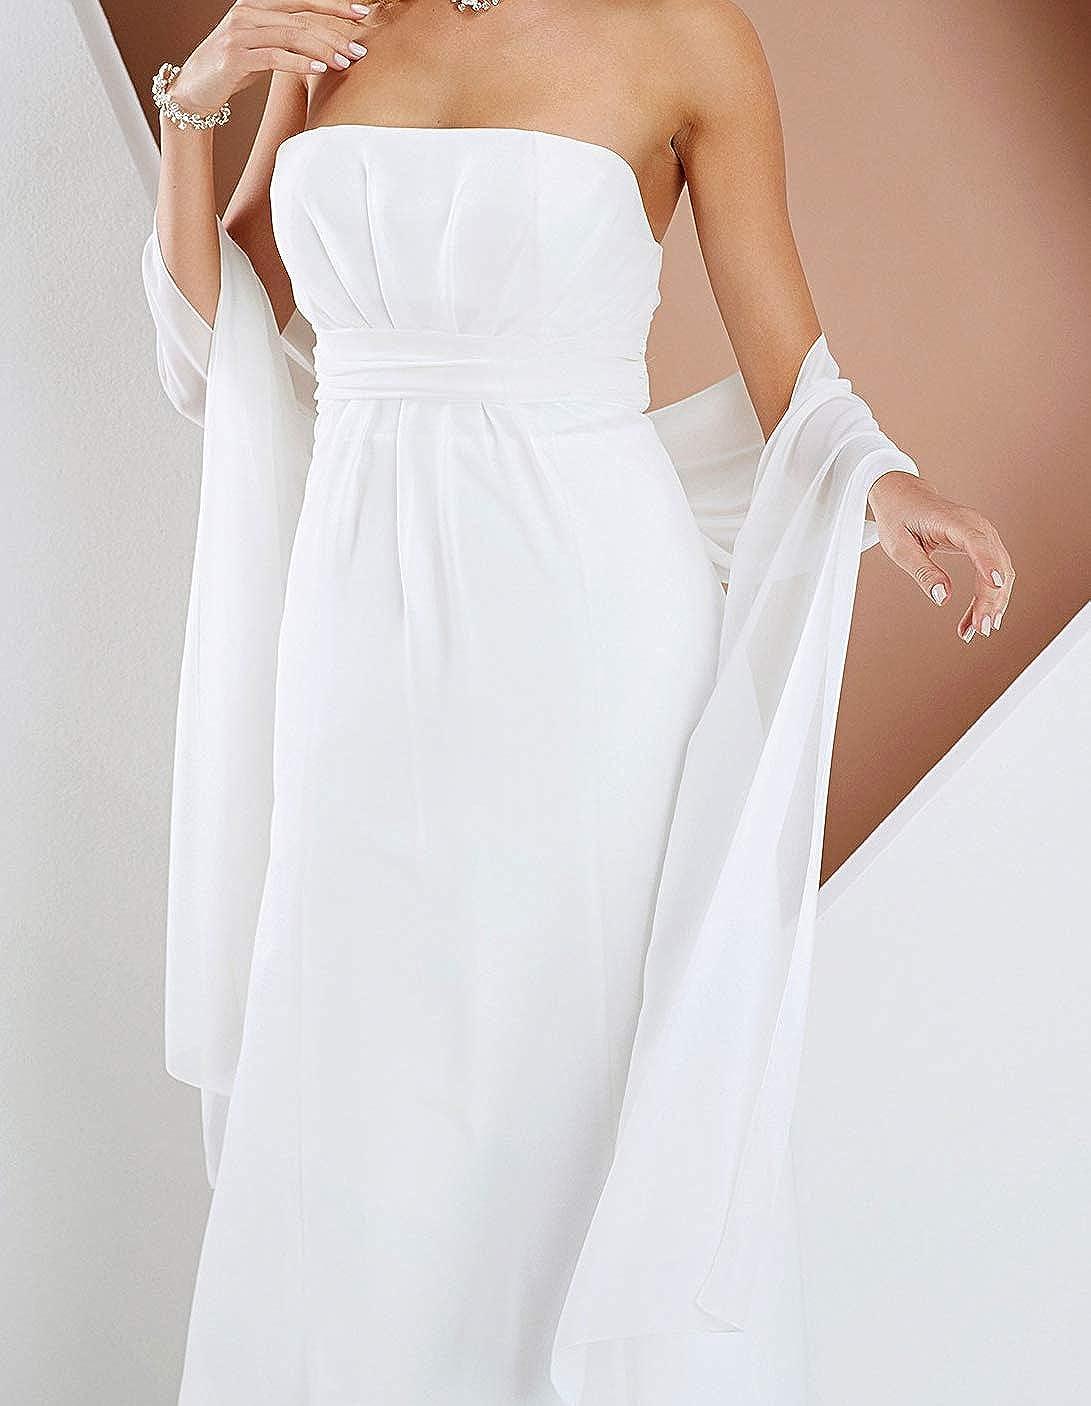 230 cm x 50 cm Hochzeit Abendkleid Abiballkleid Brautstola perfekt zum Brautkleid IVORY Festliche Chiffonstola Abendstola WEI/ß Elegant Klassisch Chiffon Stola Chiffonschal SCHWARZ